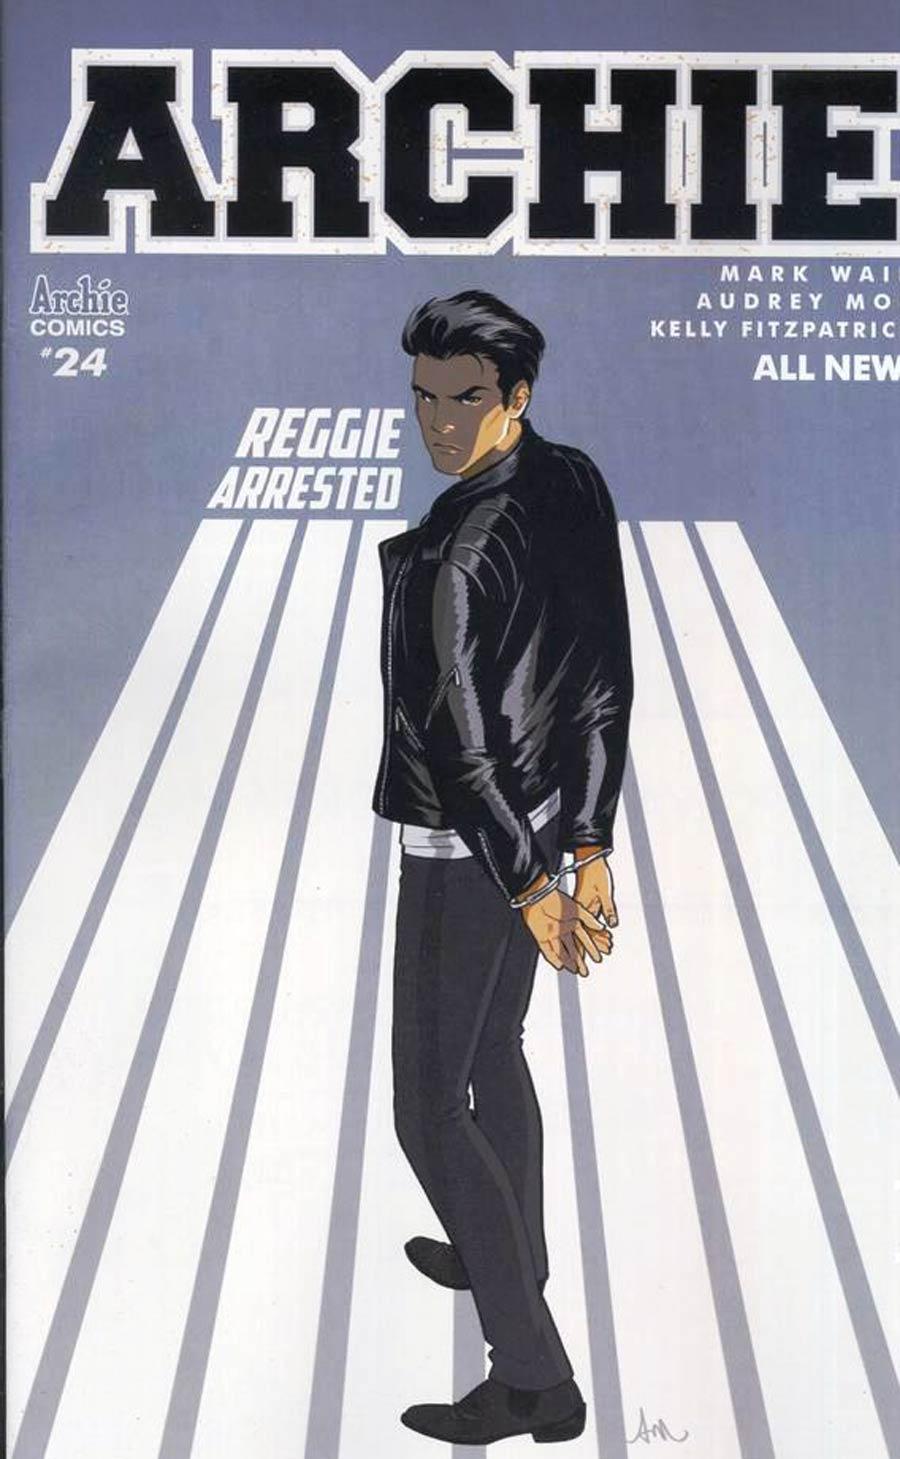 Archie Vol 2 #24 Cover A Regular Audrey Mok Cover